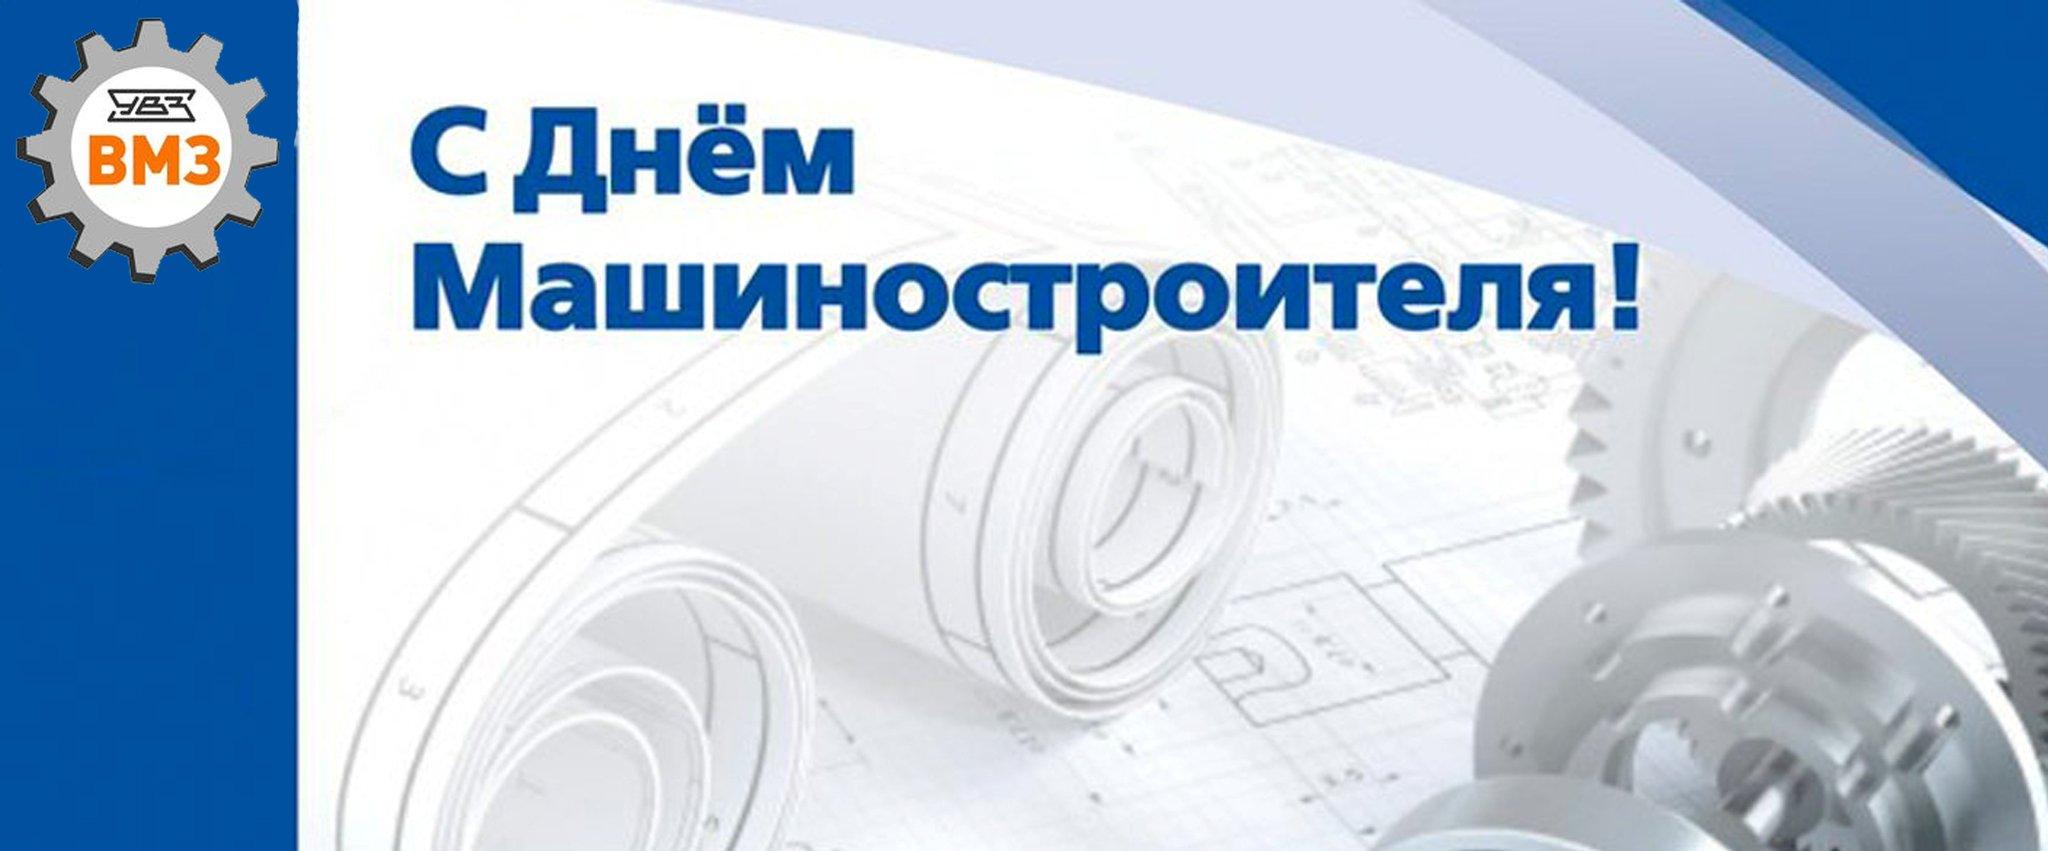 фон для открыток машиностроитель интересен экскурсионными